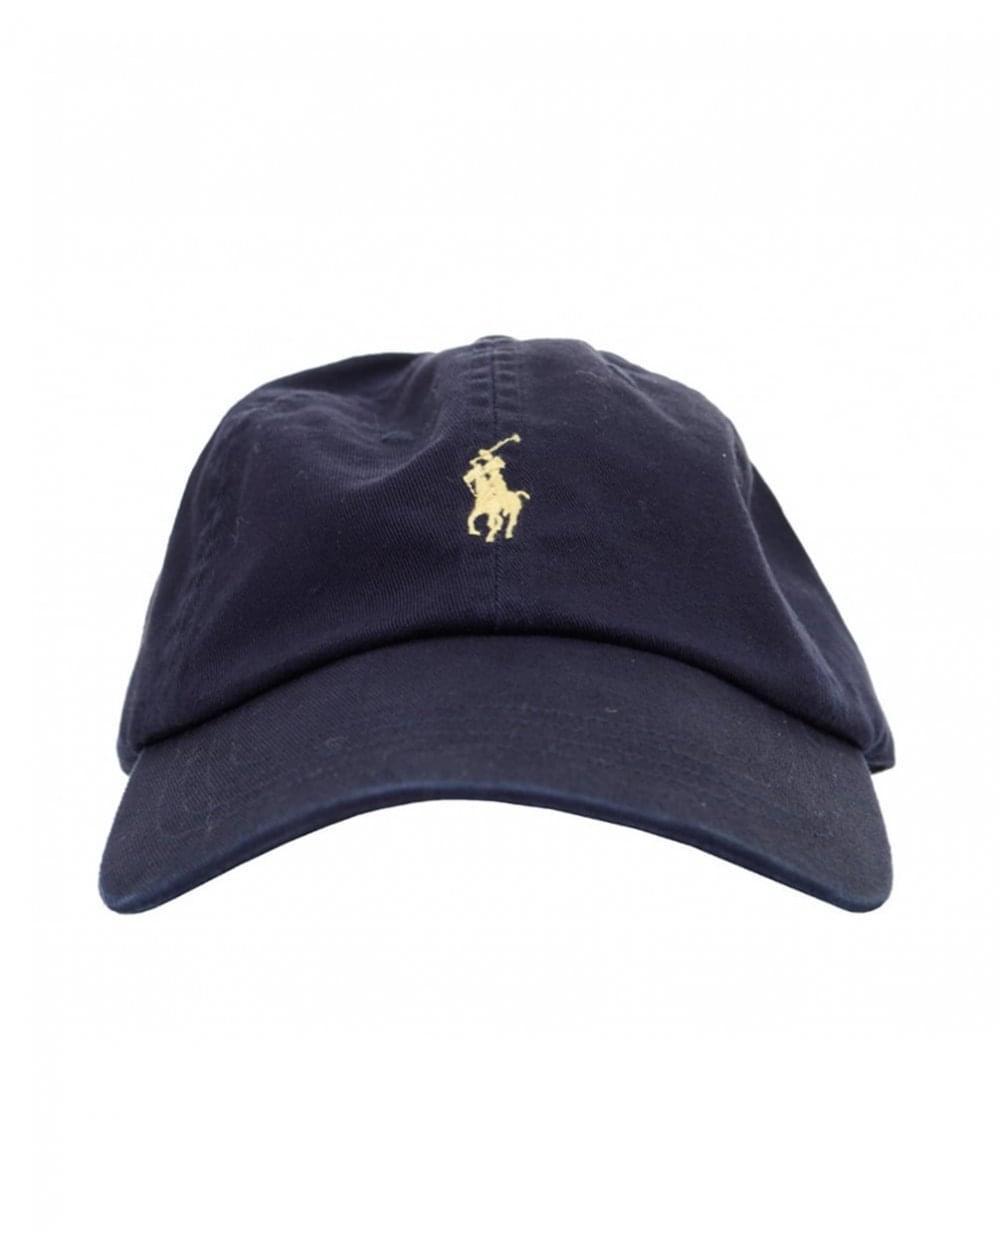 63299a53a62f7 Lyst - Polo Ralph Lauren Pp Logo Cap in Blue for Men